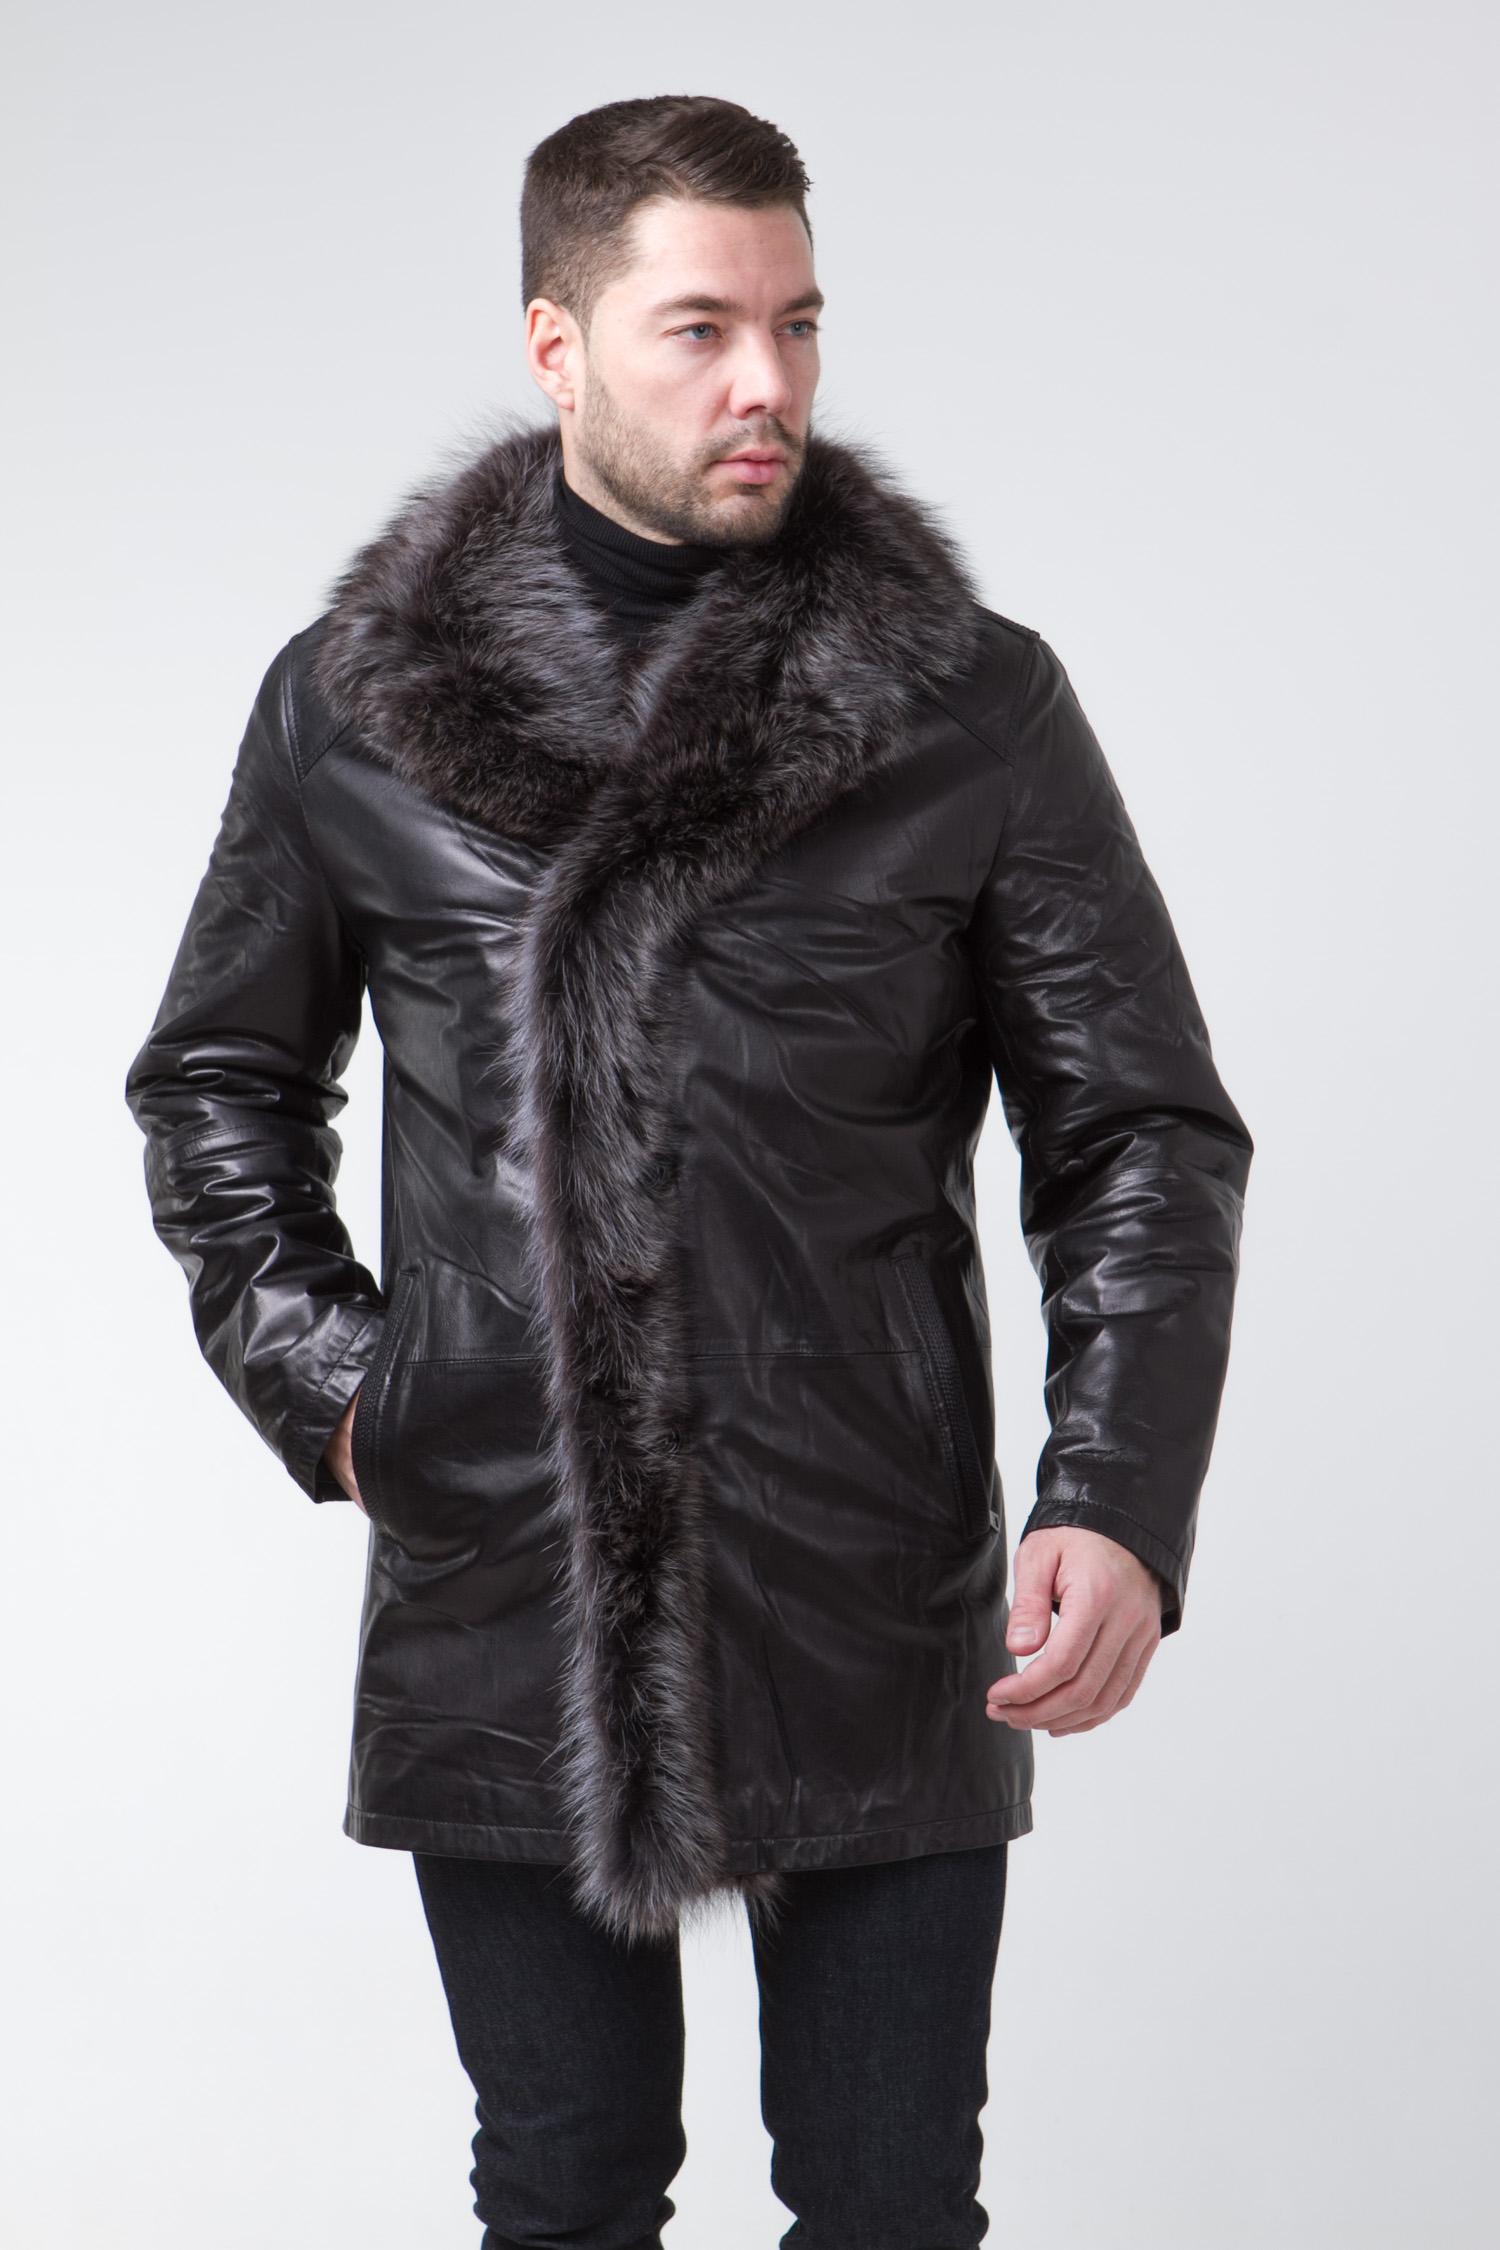 Мужская кожаная куртка из натуральной кожи на меху с воротником, отделка енот<br><br>Воротник: английский<br>Длина см: Длинная (свыше 90)<br>Материал: Кожа овчина<br>Цвет: коричневый<br>Вид застежки: центральная<br>Застежка: на пуговицы<br>Пол: Мужской<br>Размер RU: 58